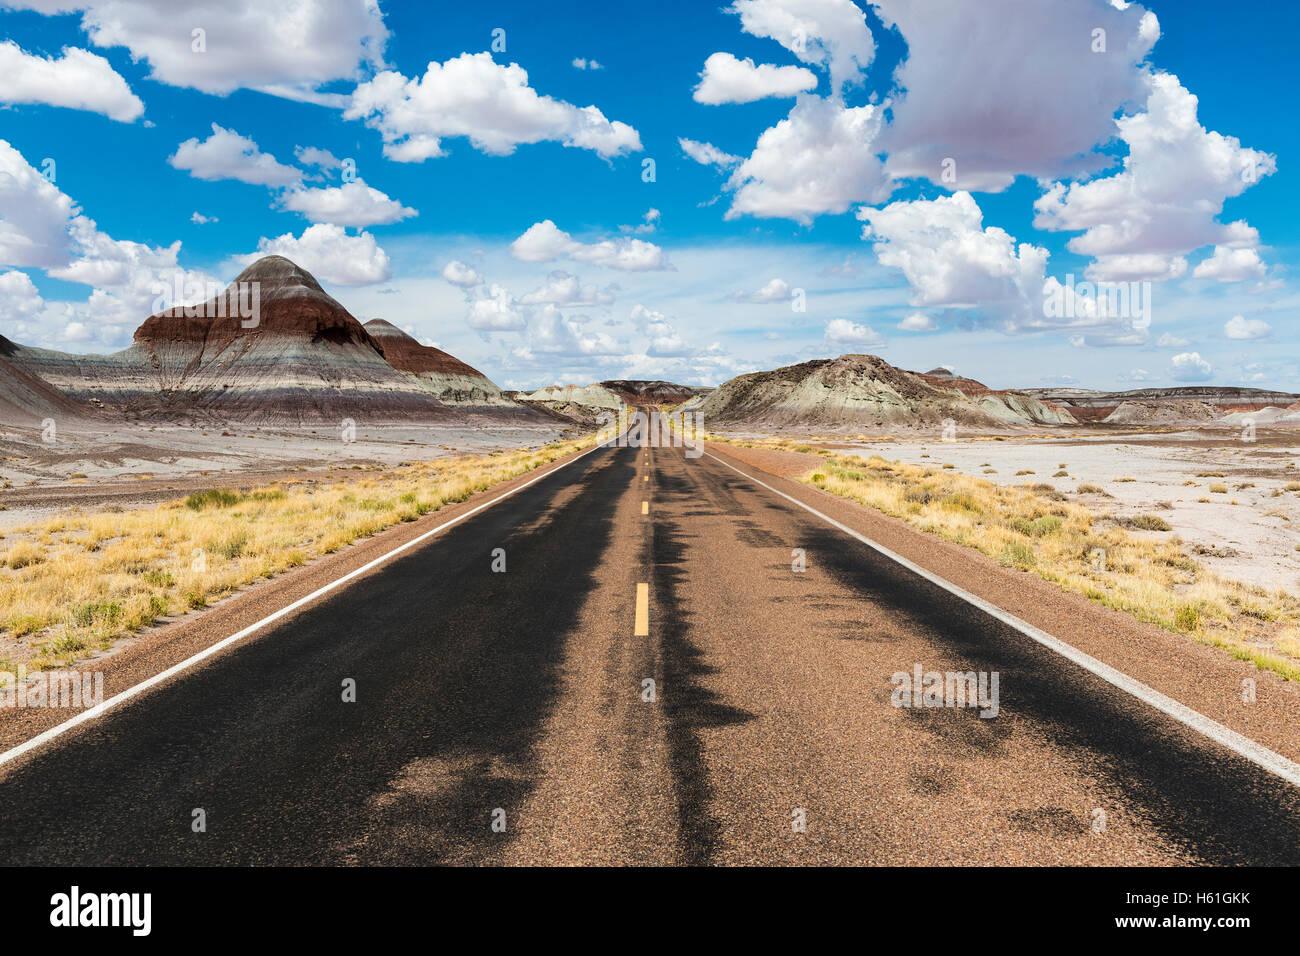 Leere Straße in der Wüste im Bundesstaat Arizona, USA; Konzept für Roadtrip und Reisen in Amerika Stockbild